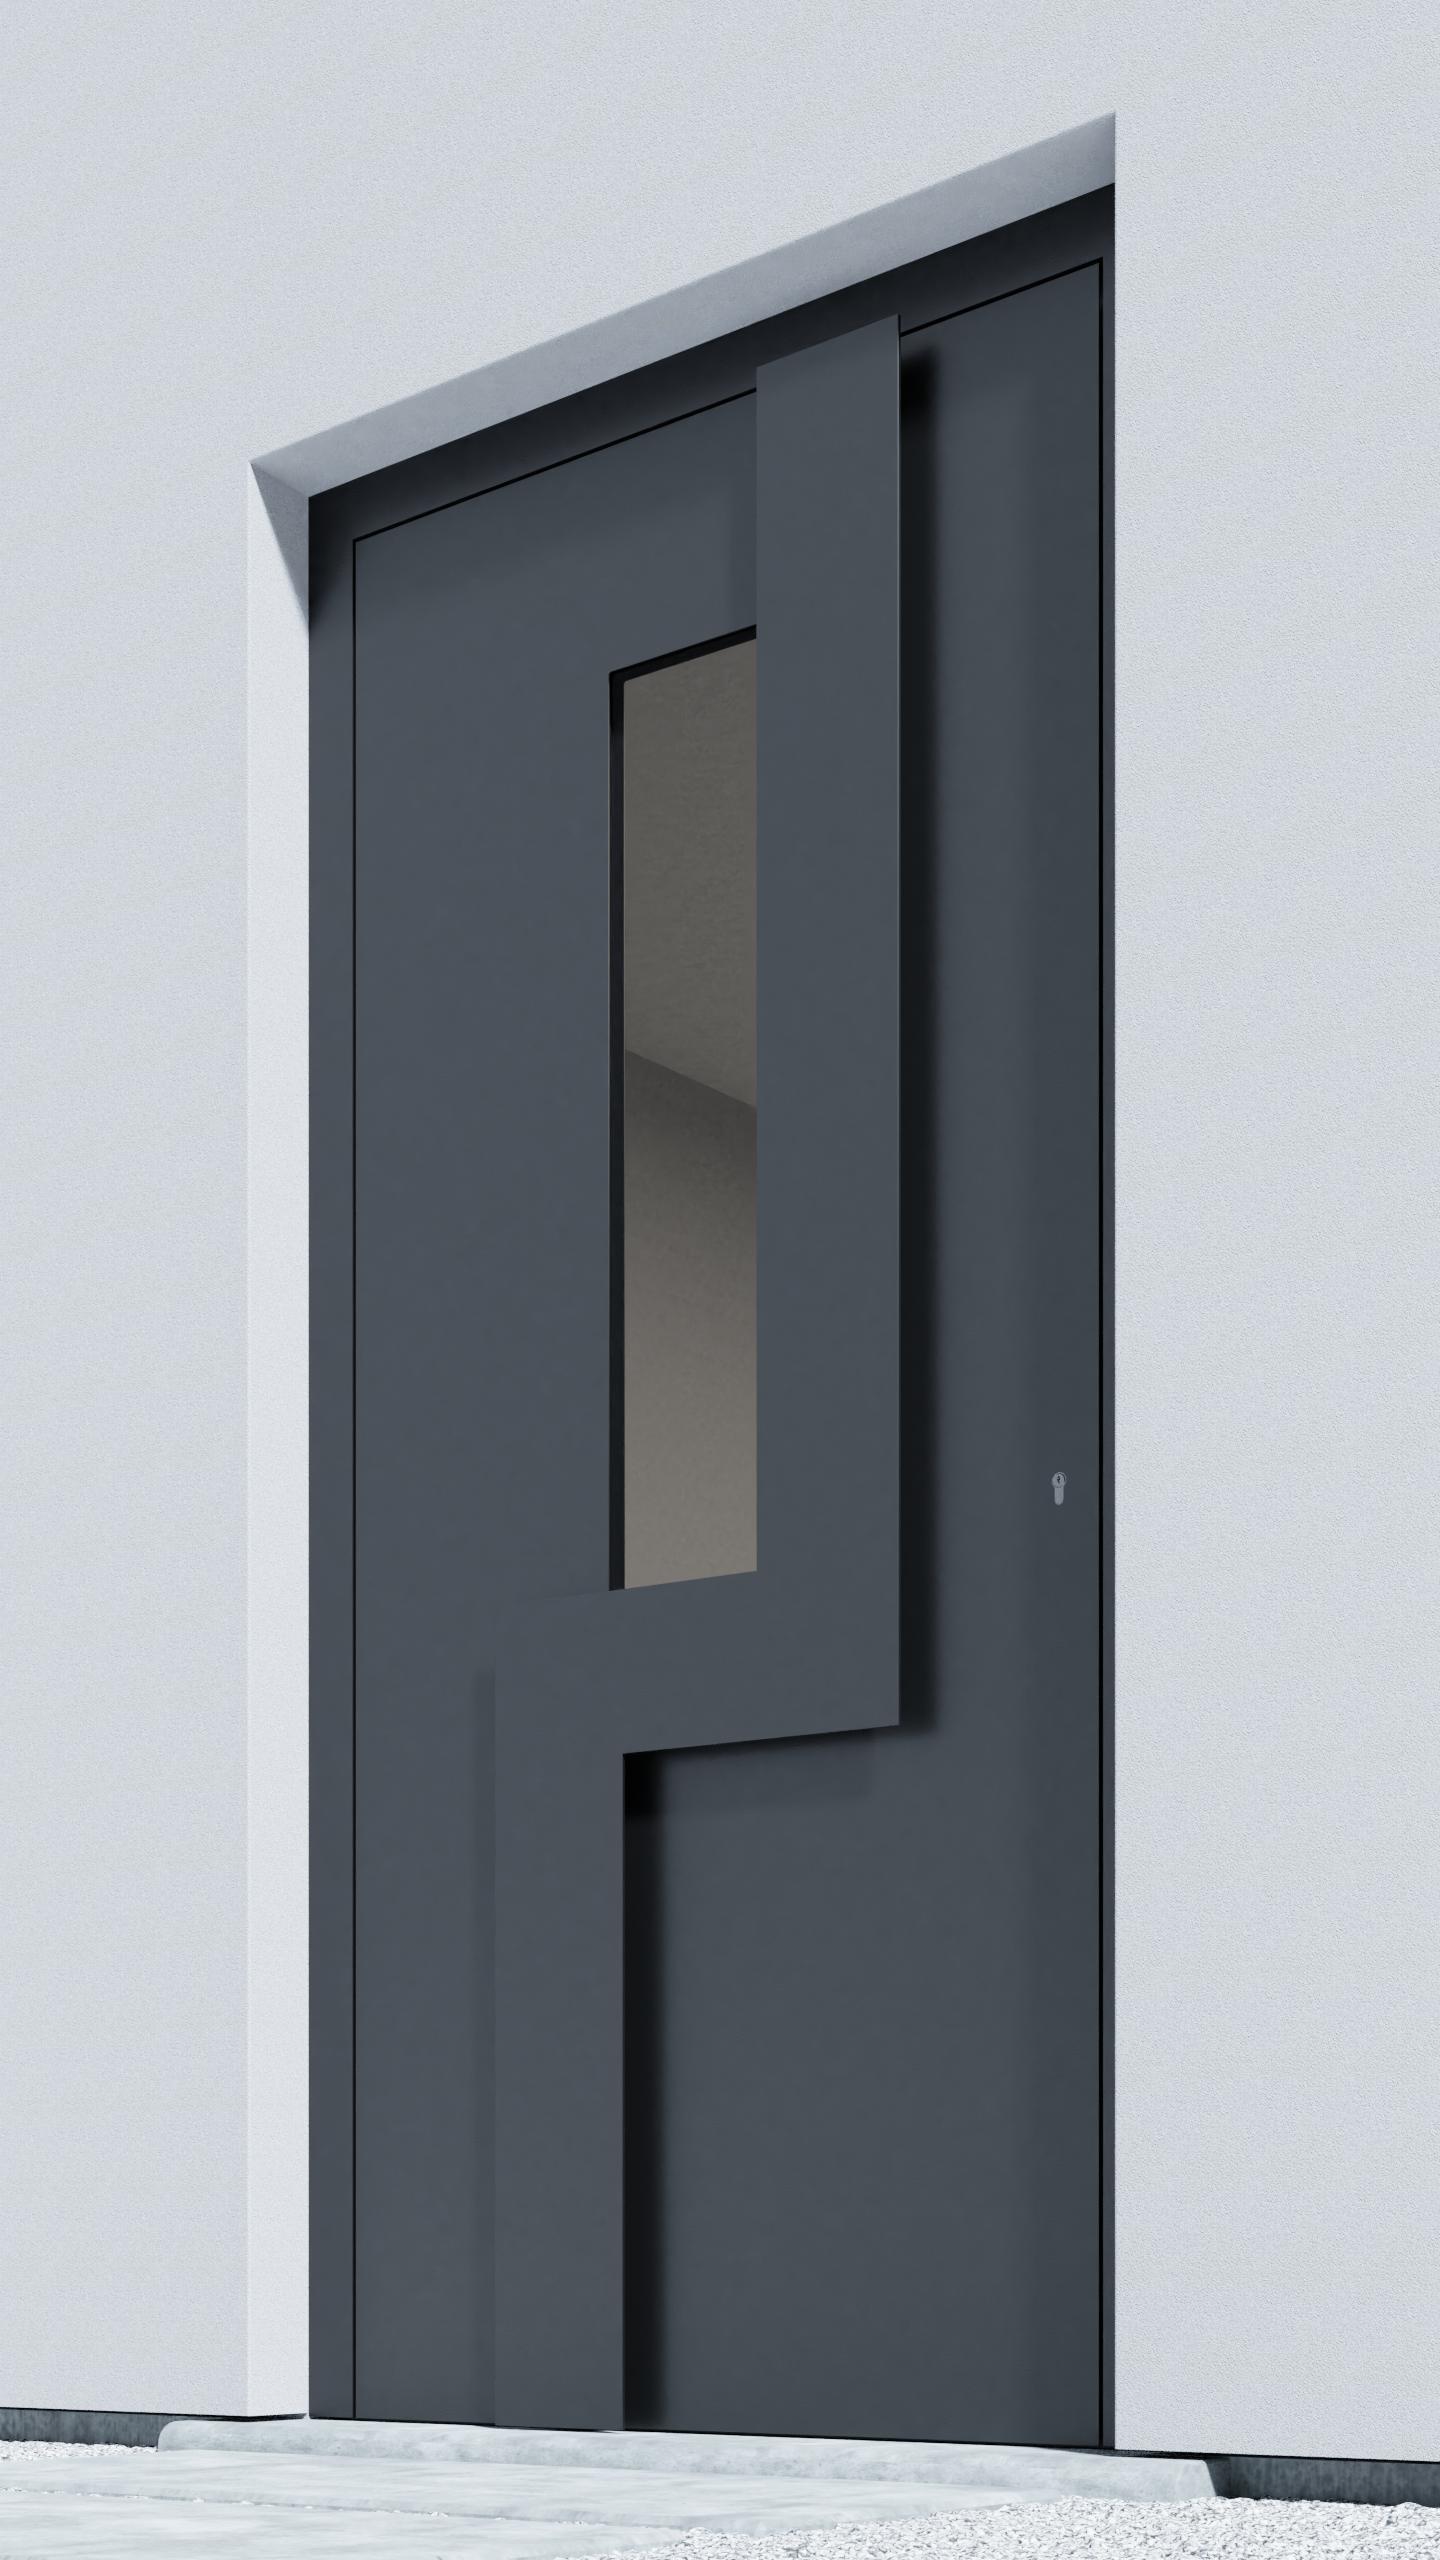 Porte d'entrée BH061Z Wagenfeld de la gamme Bauhaus posée par les établissements CELEREAU à Roncq